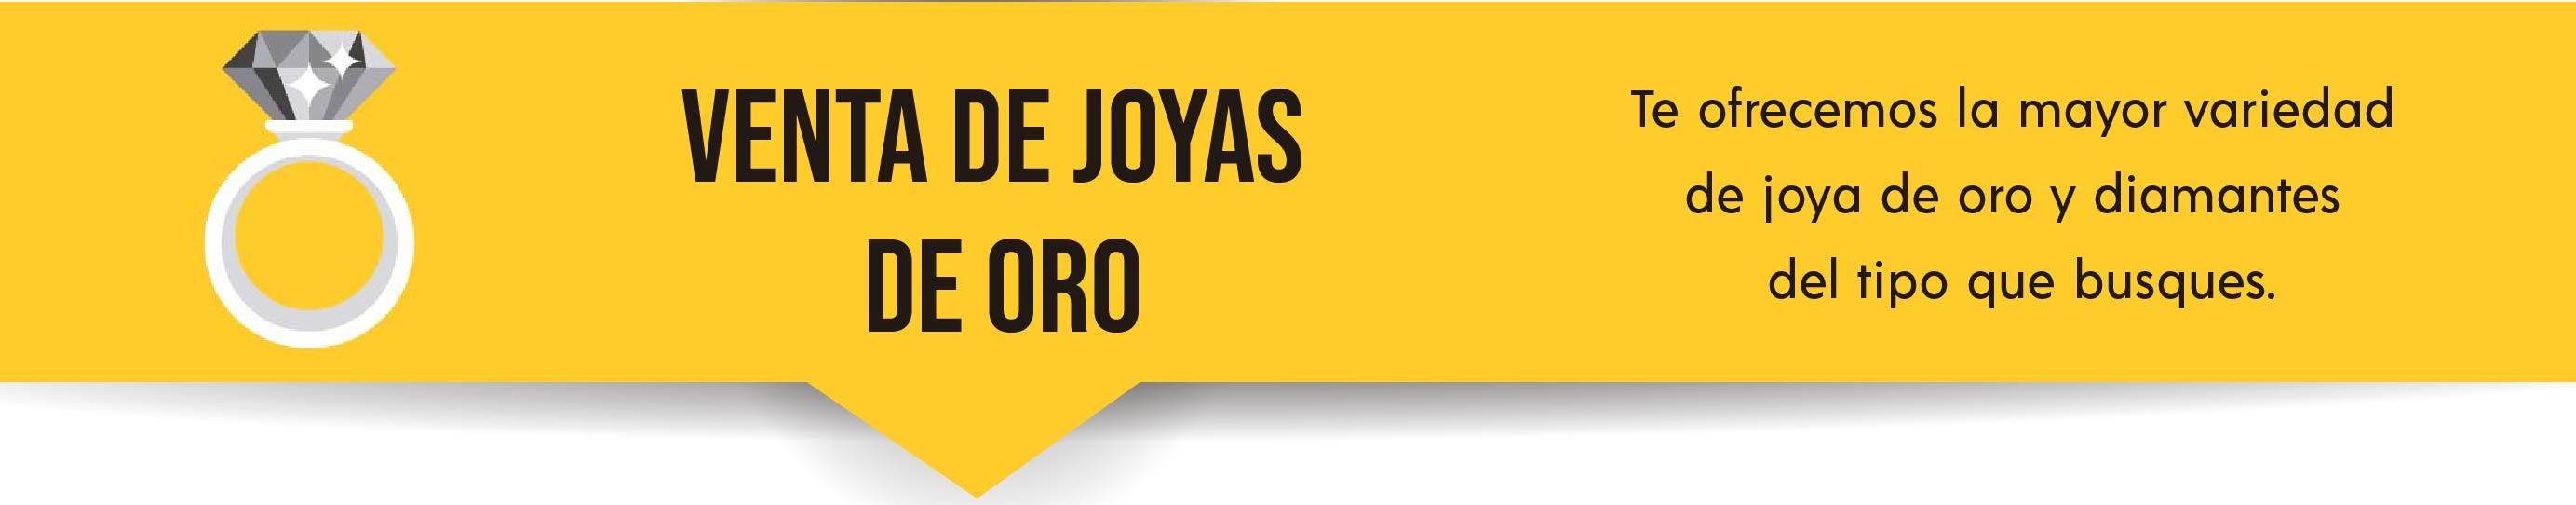 venta-de-joyas-de-oro-orocash